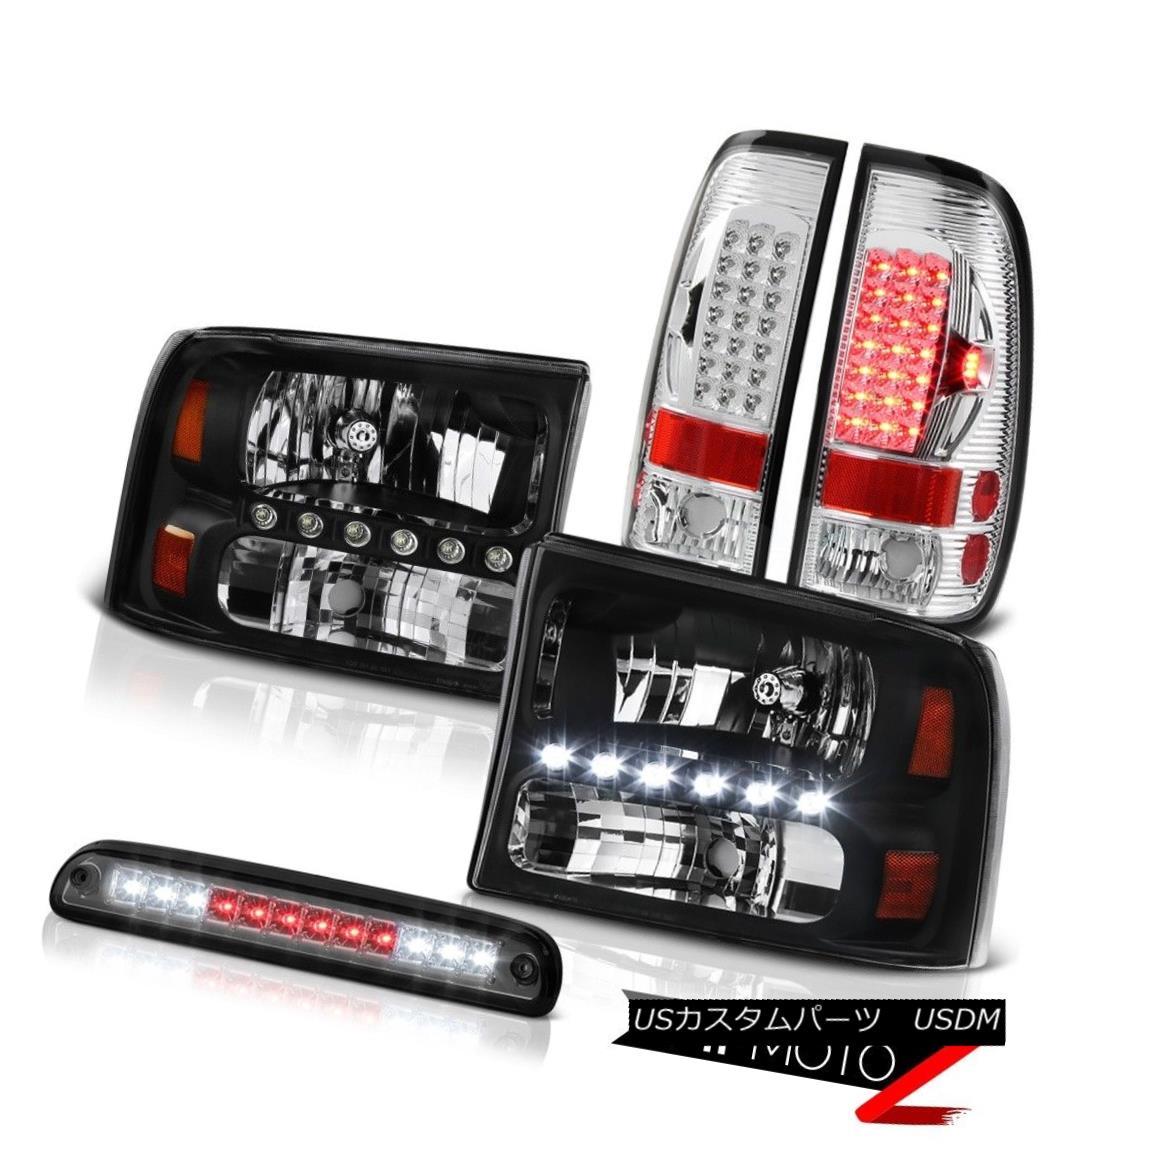 テールライト Black Headlight High Stop LED Smoke Bright Tail Light 99 00 01 02 03 04 F250 XLT ブラックヘッドライトハイストップLEDスモークブライトテールライト99 00 01 02 03 04 F250 XLT